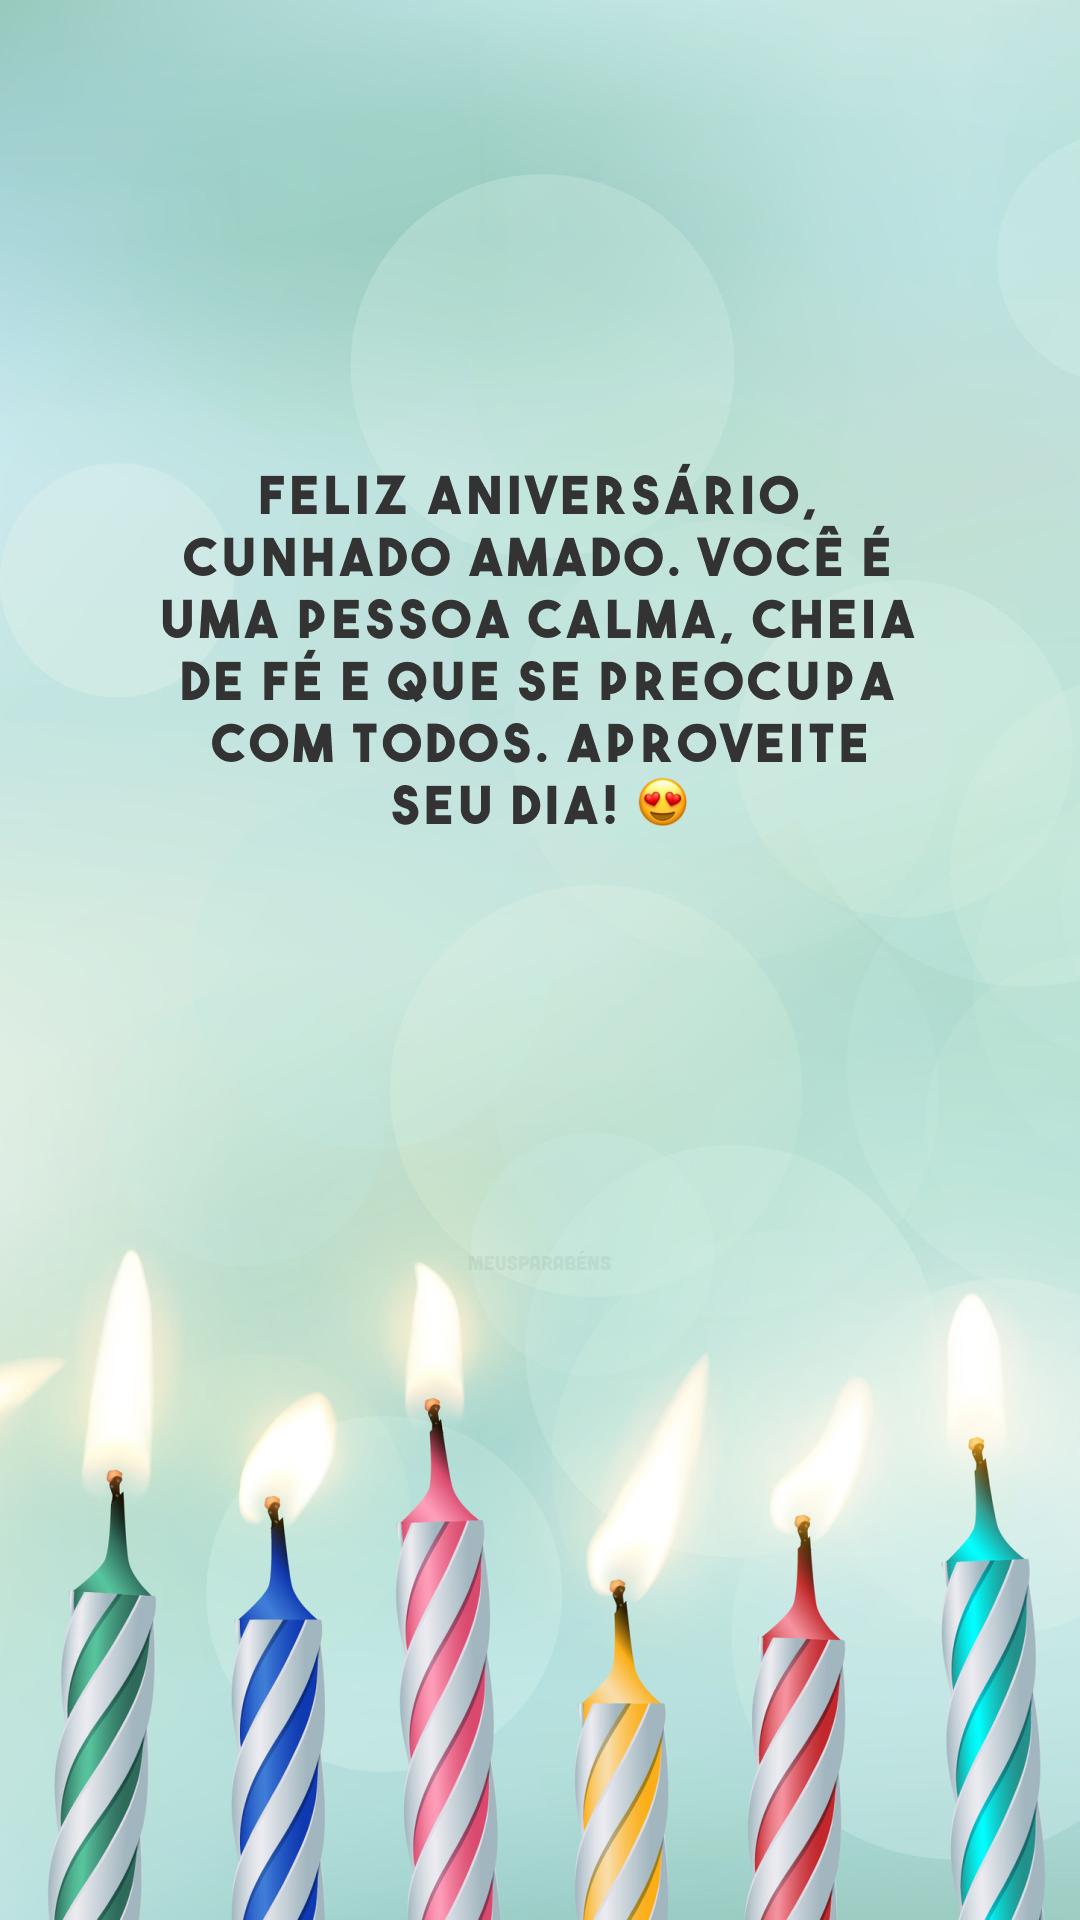 Feliz aniversário, cunhado amado. Você é uma pessoa calma, cheia de fé e que se preocupa com todos. Aproveite seu dia! 😍